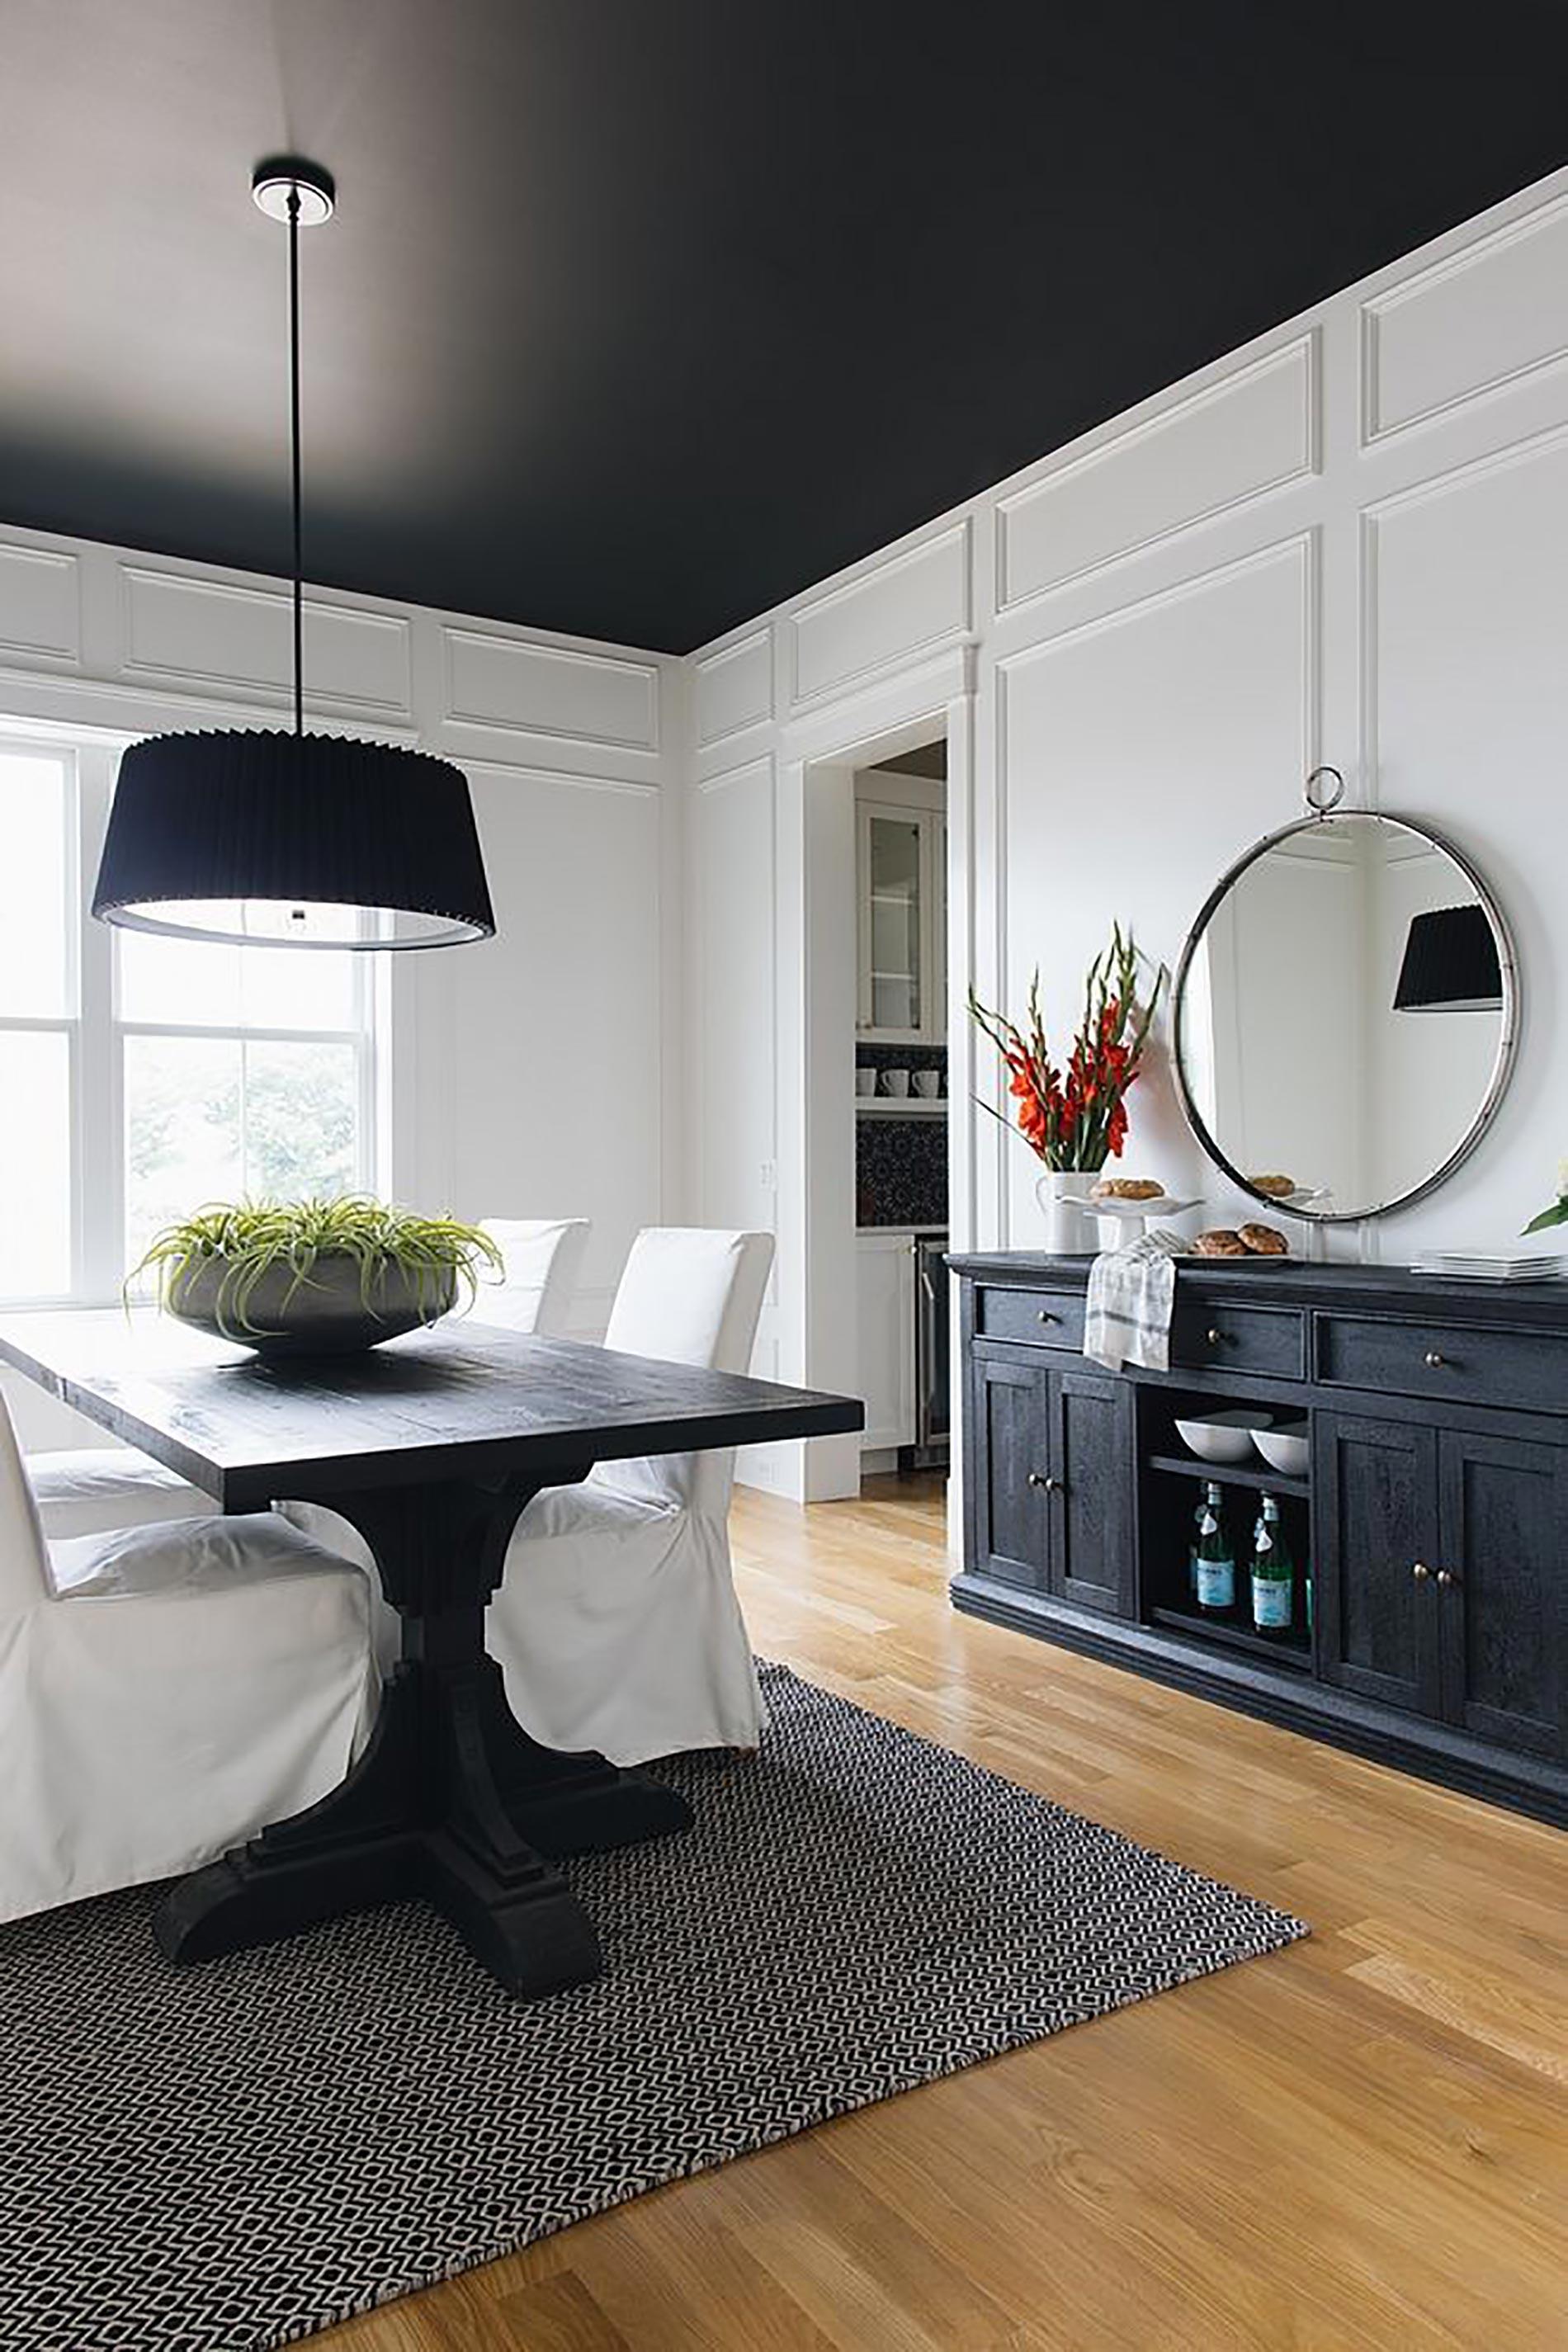 soffitto colorato ispirazioni soffitto nero